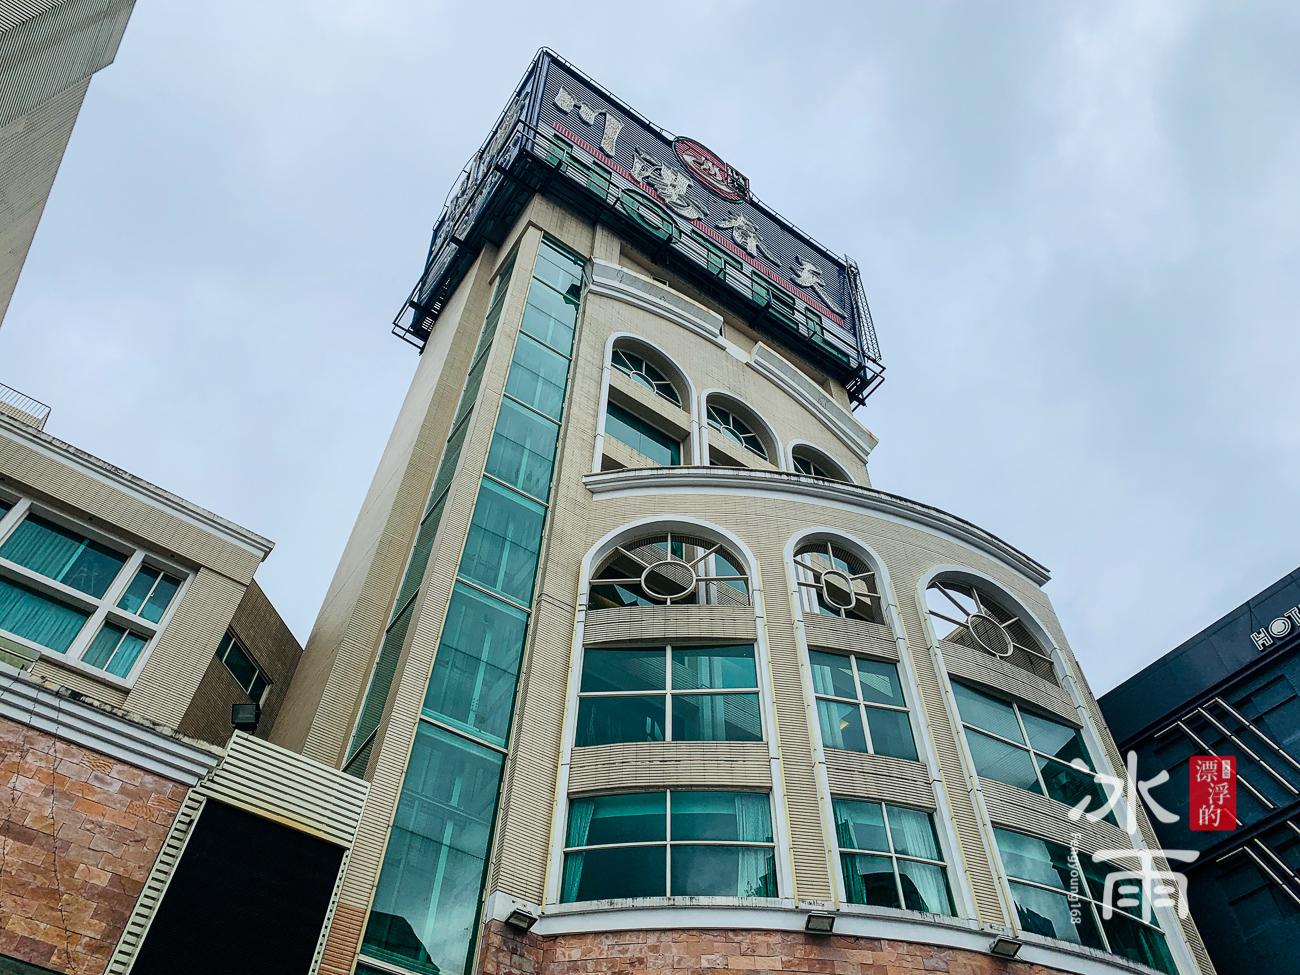 川湯春天溫泉飯店德陽館 主樓